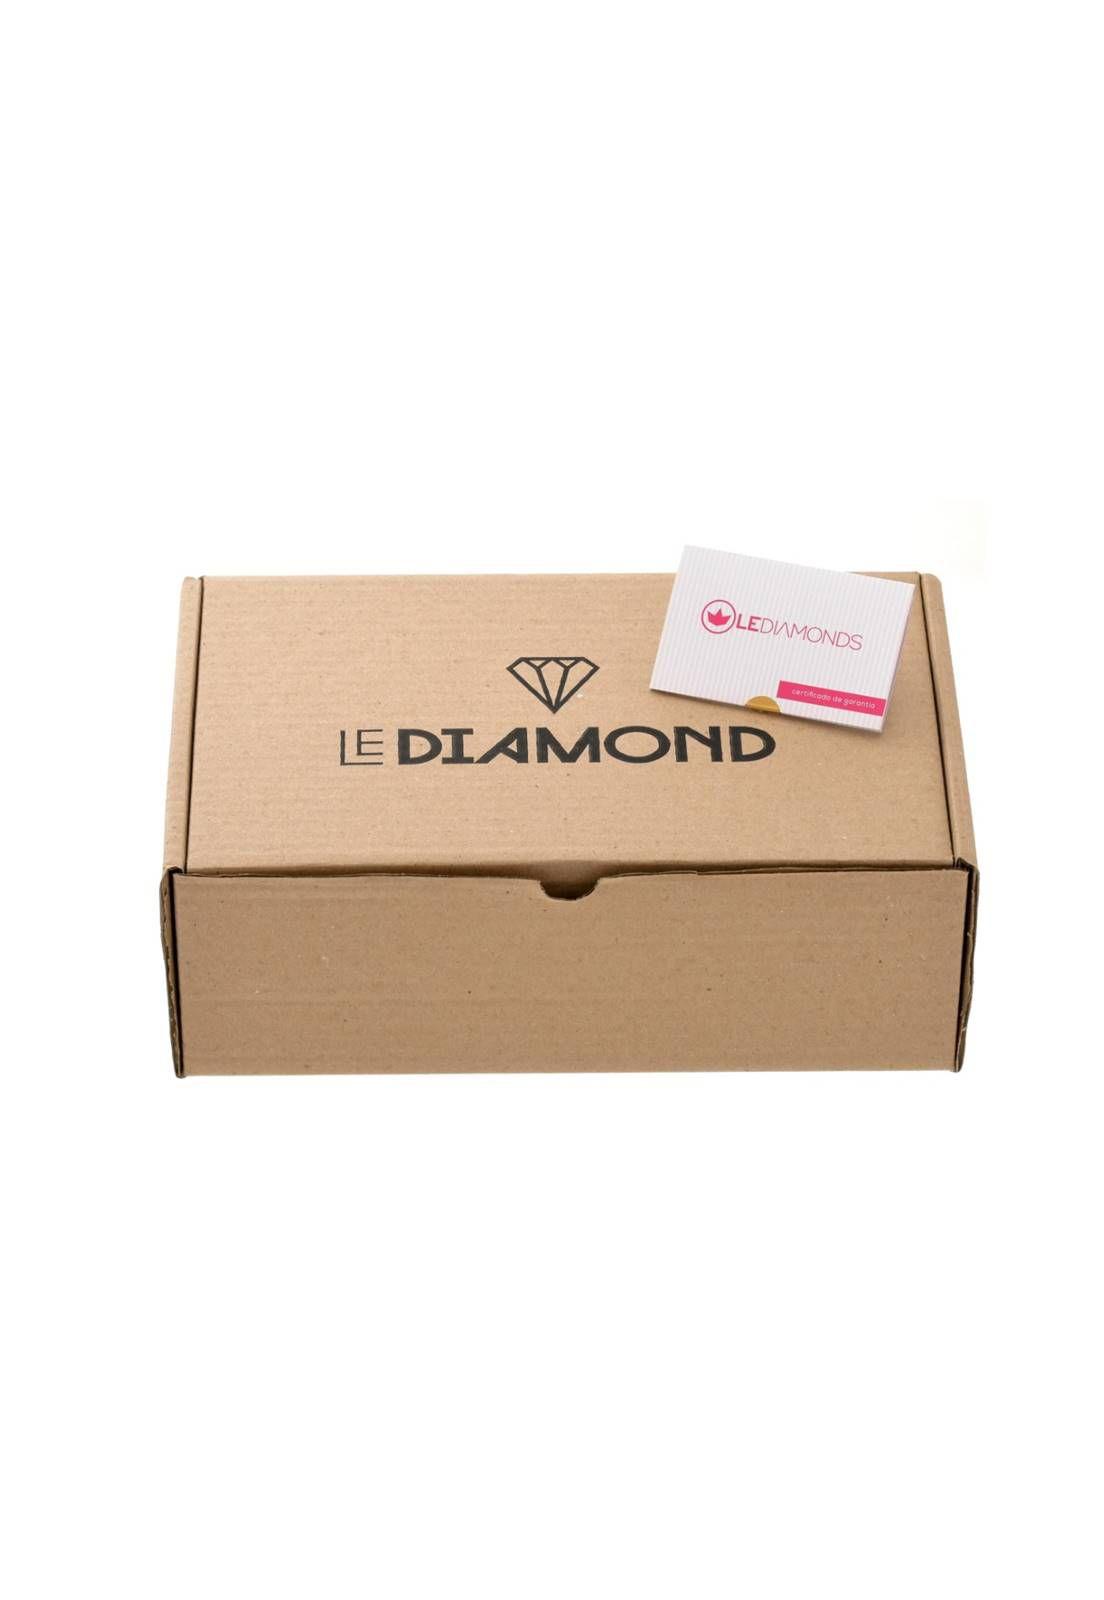 Brinco Le Diamond Delui Marrom